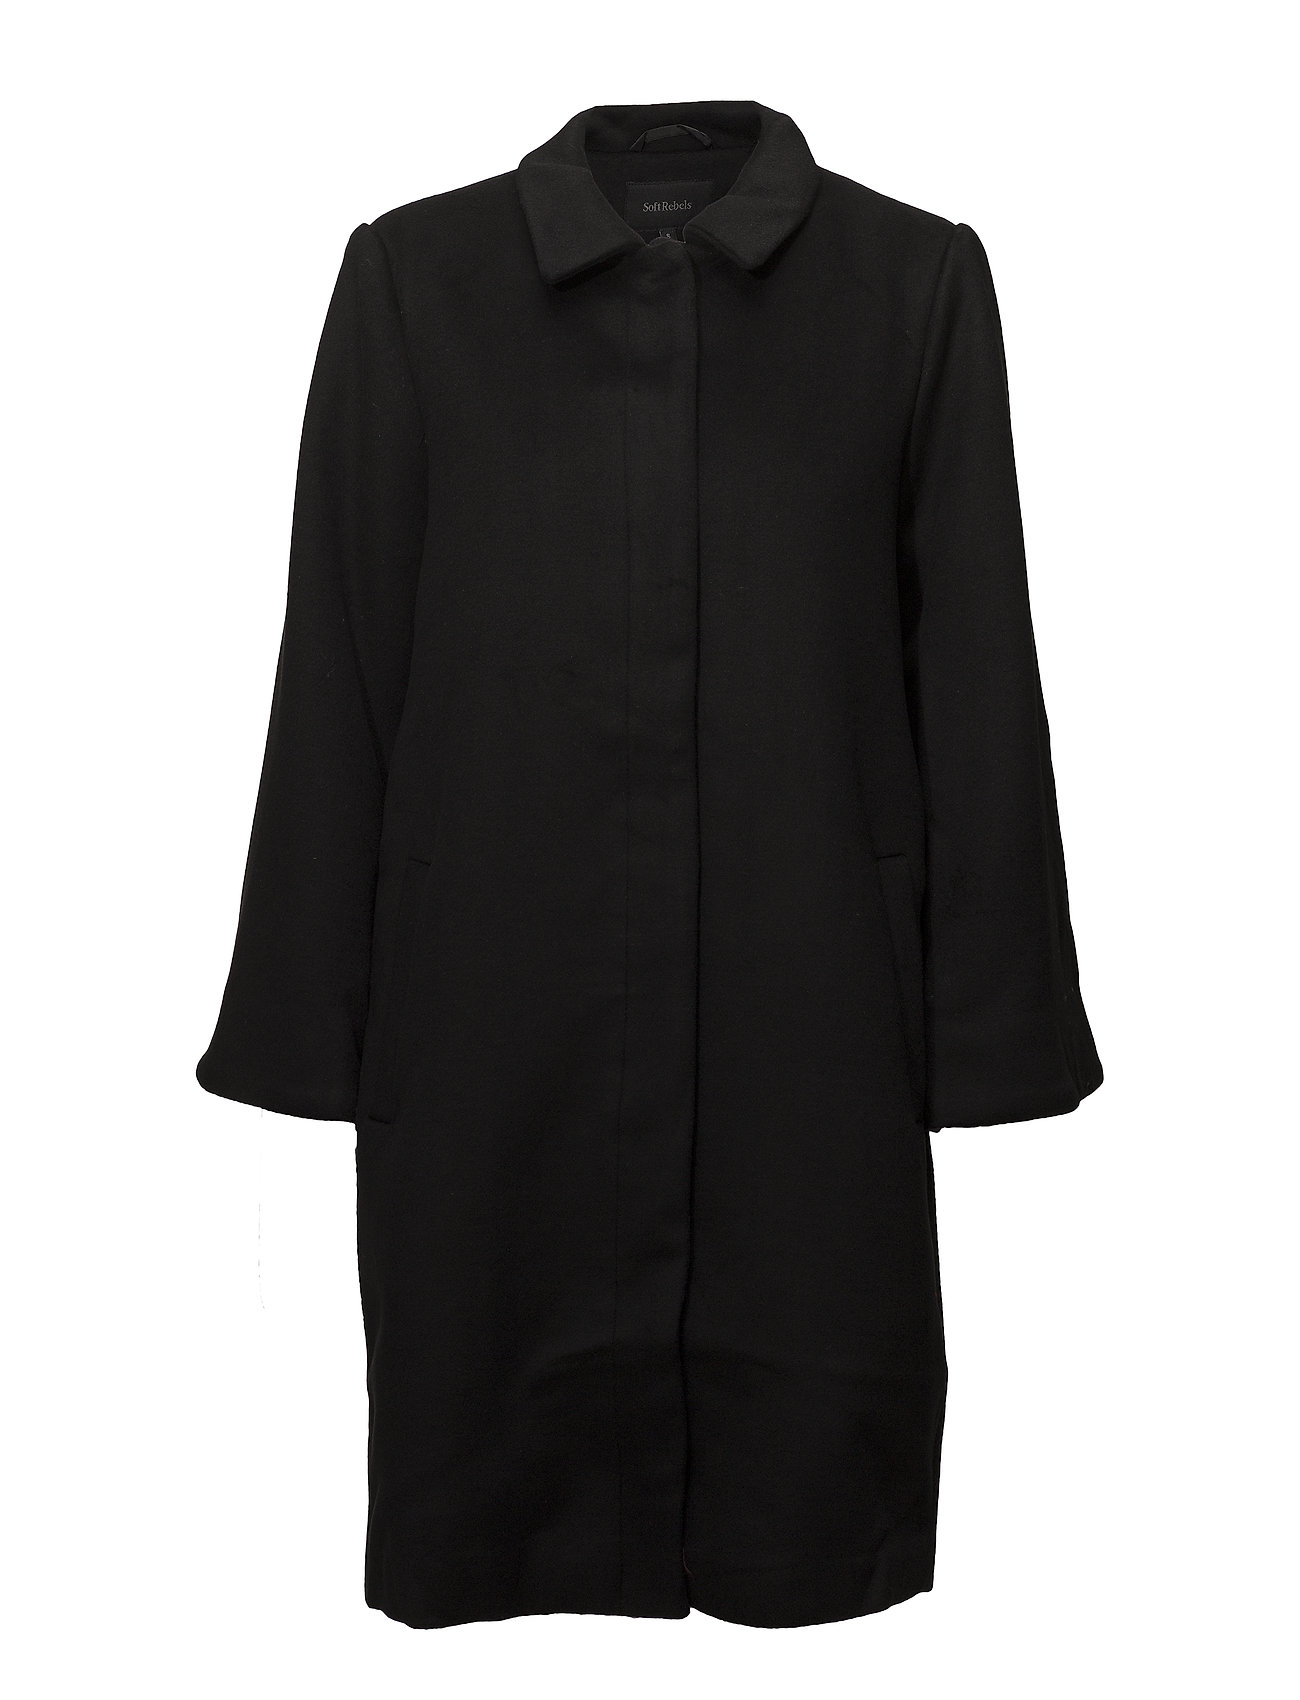 Soft Rebels Vera Jacket - 001 BLACK